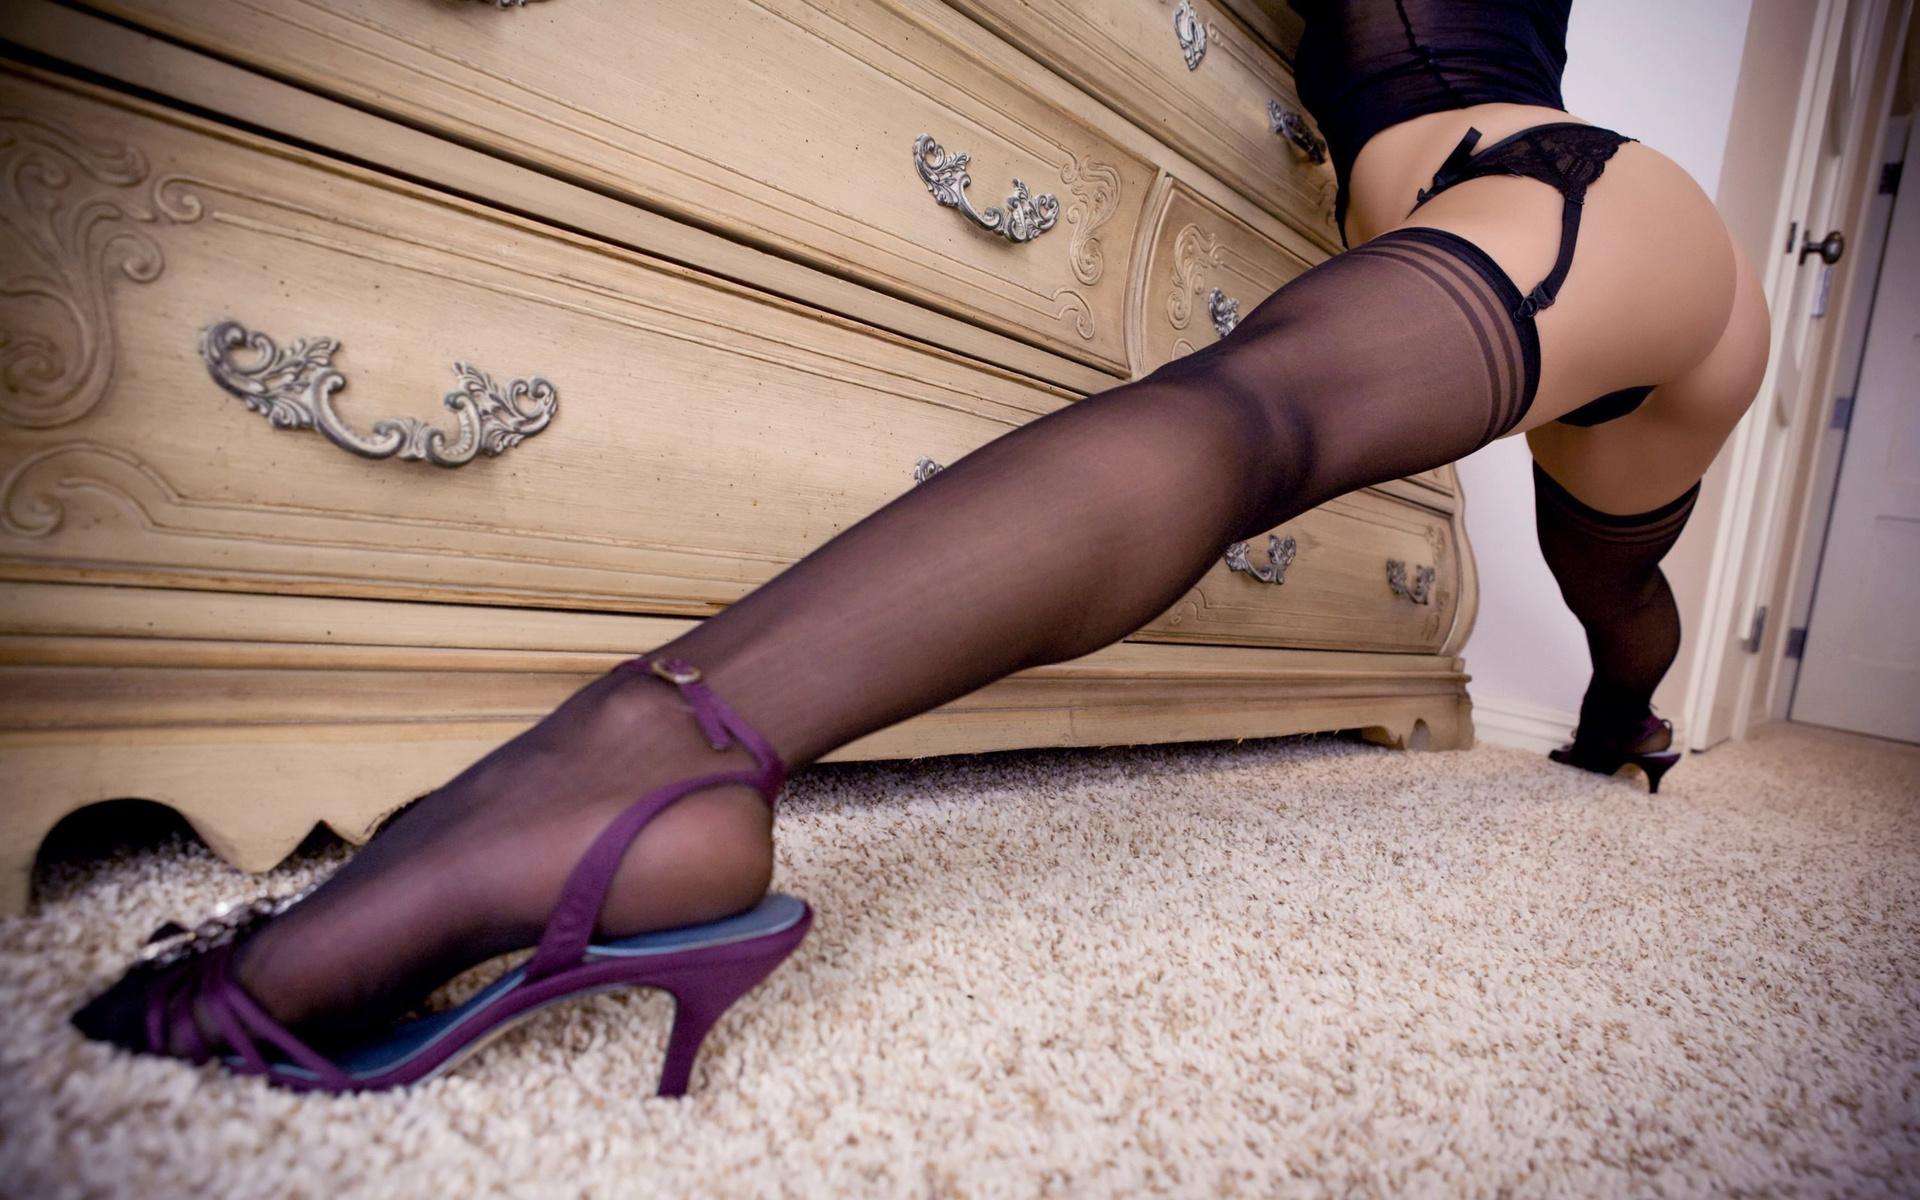 Фильм фото ног в чулках и бикини меня если